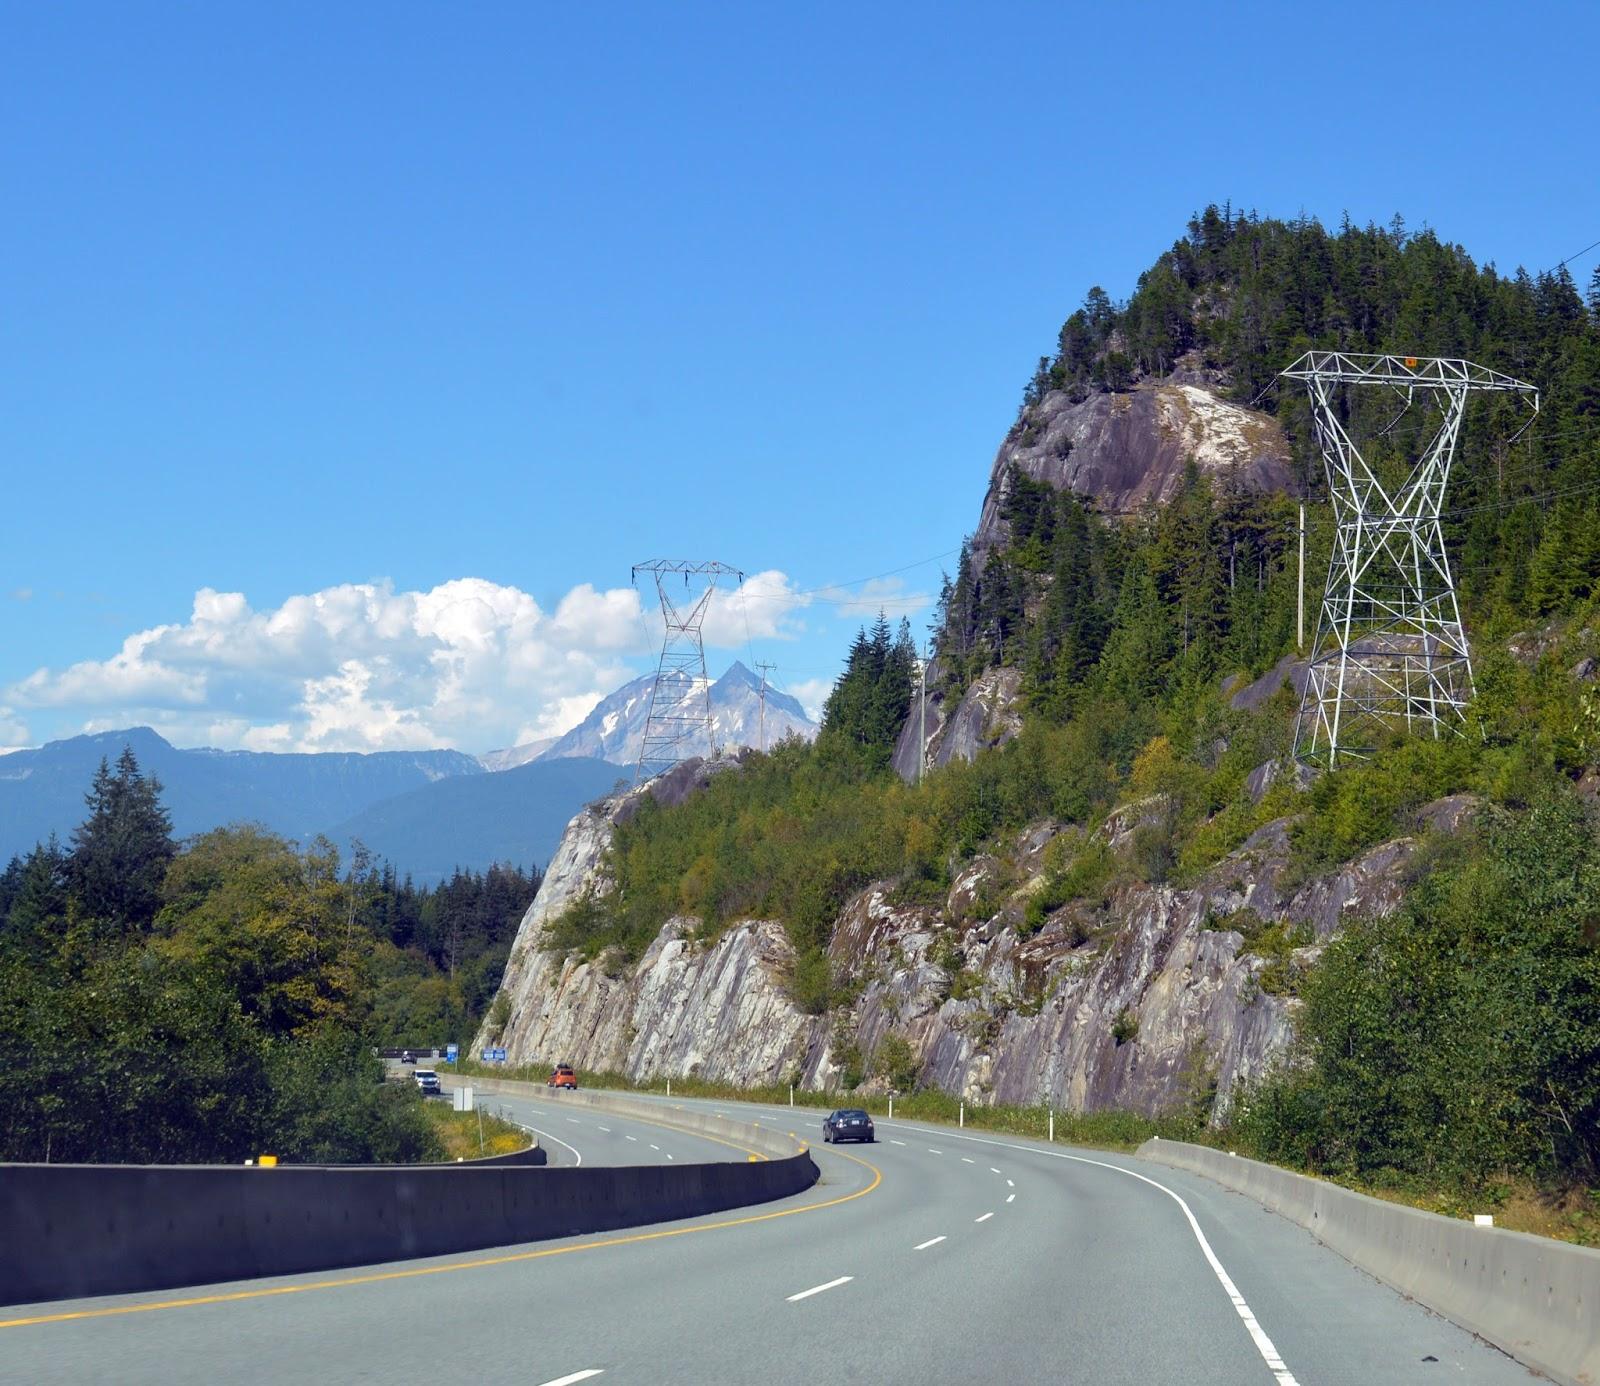 Whistler: A Summer Escape To Whistler, BC